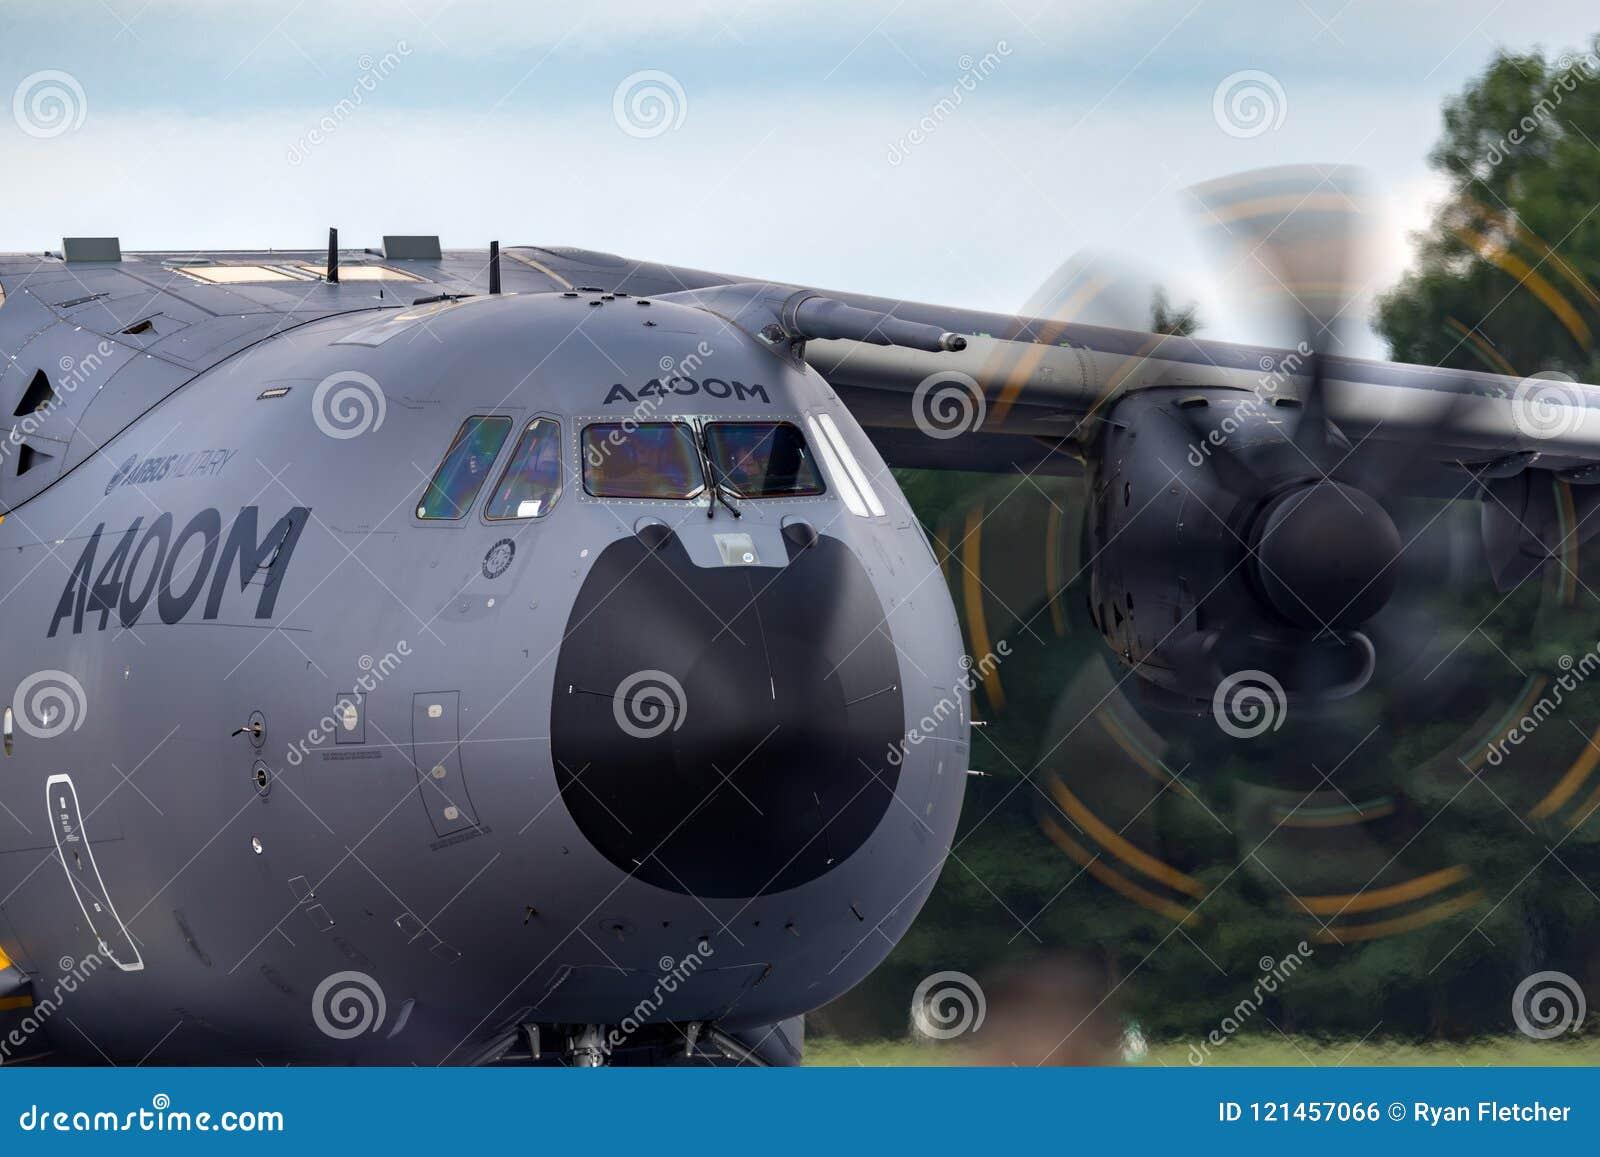 Militär-Airbus Verteidigung und Raum A400M Atlas Airbusses vier betriebenes großes Militär transportieren Flugzeuge F-WWMZ